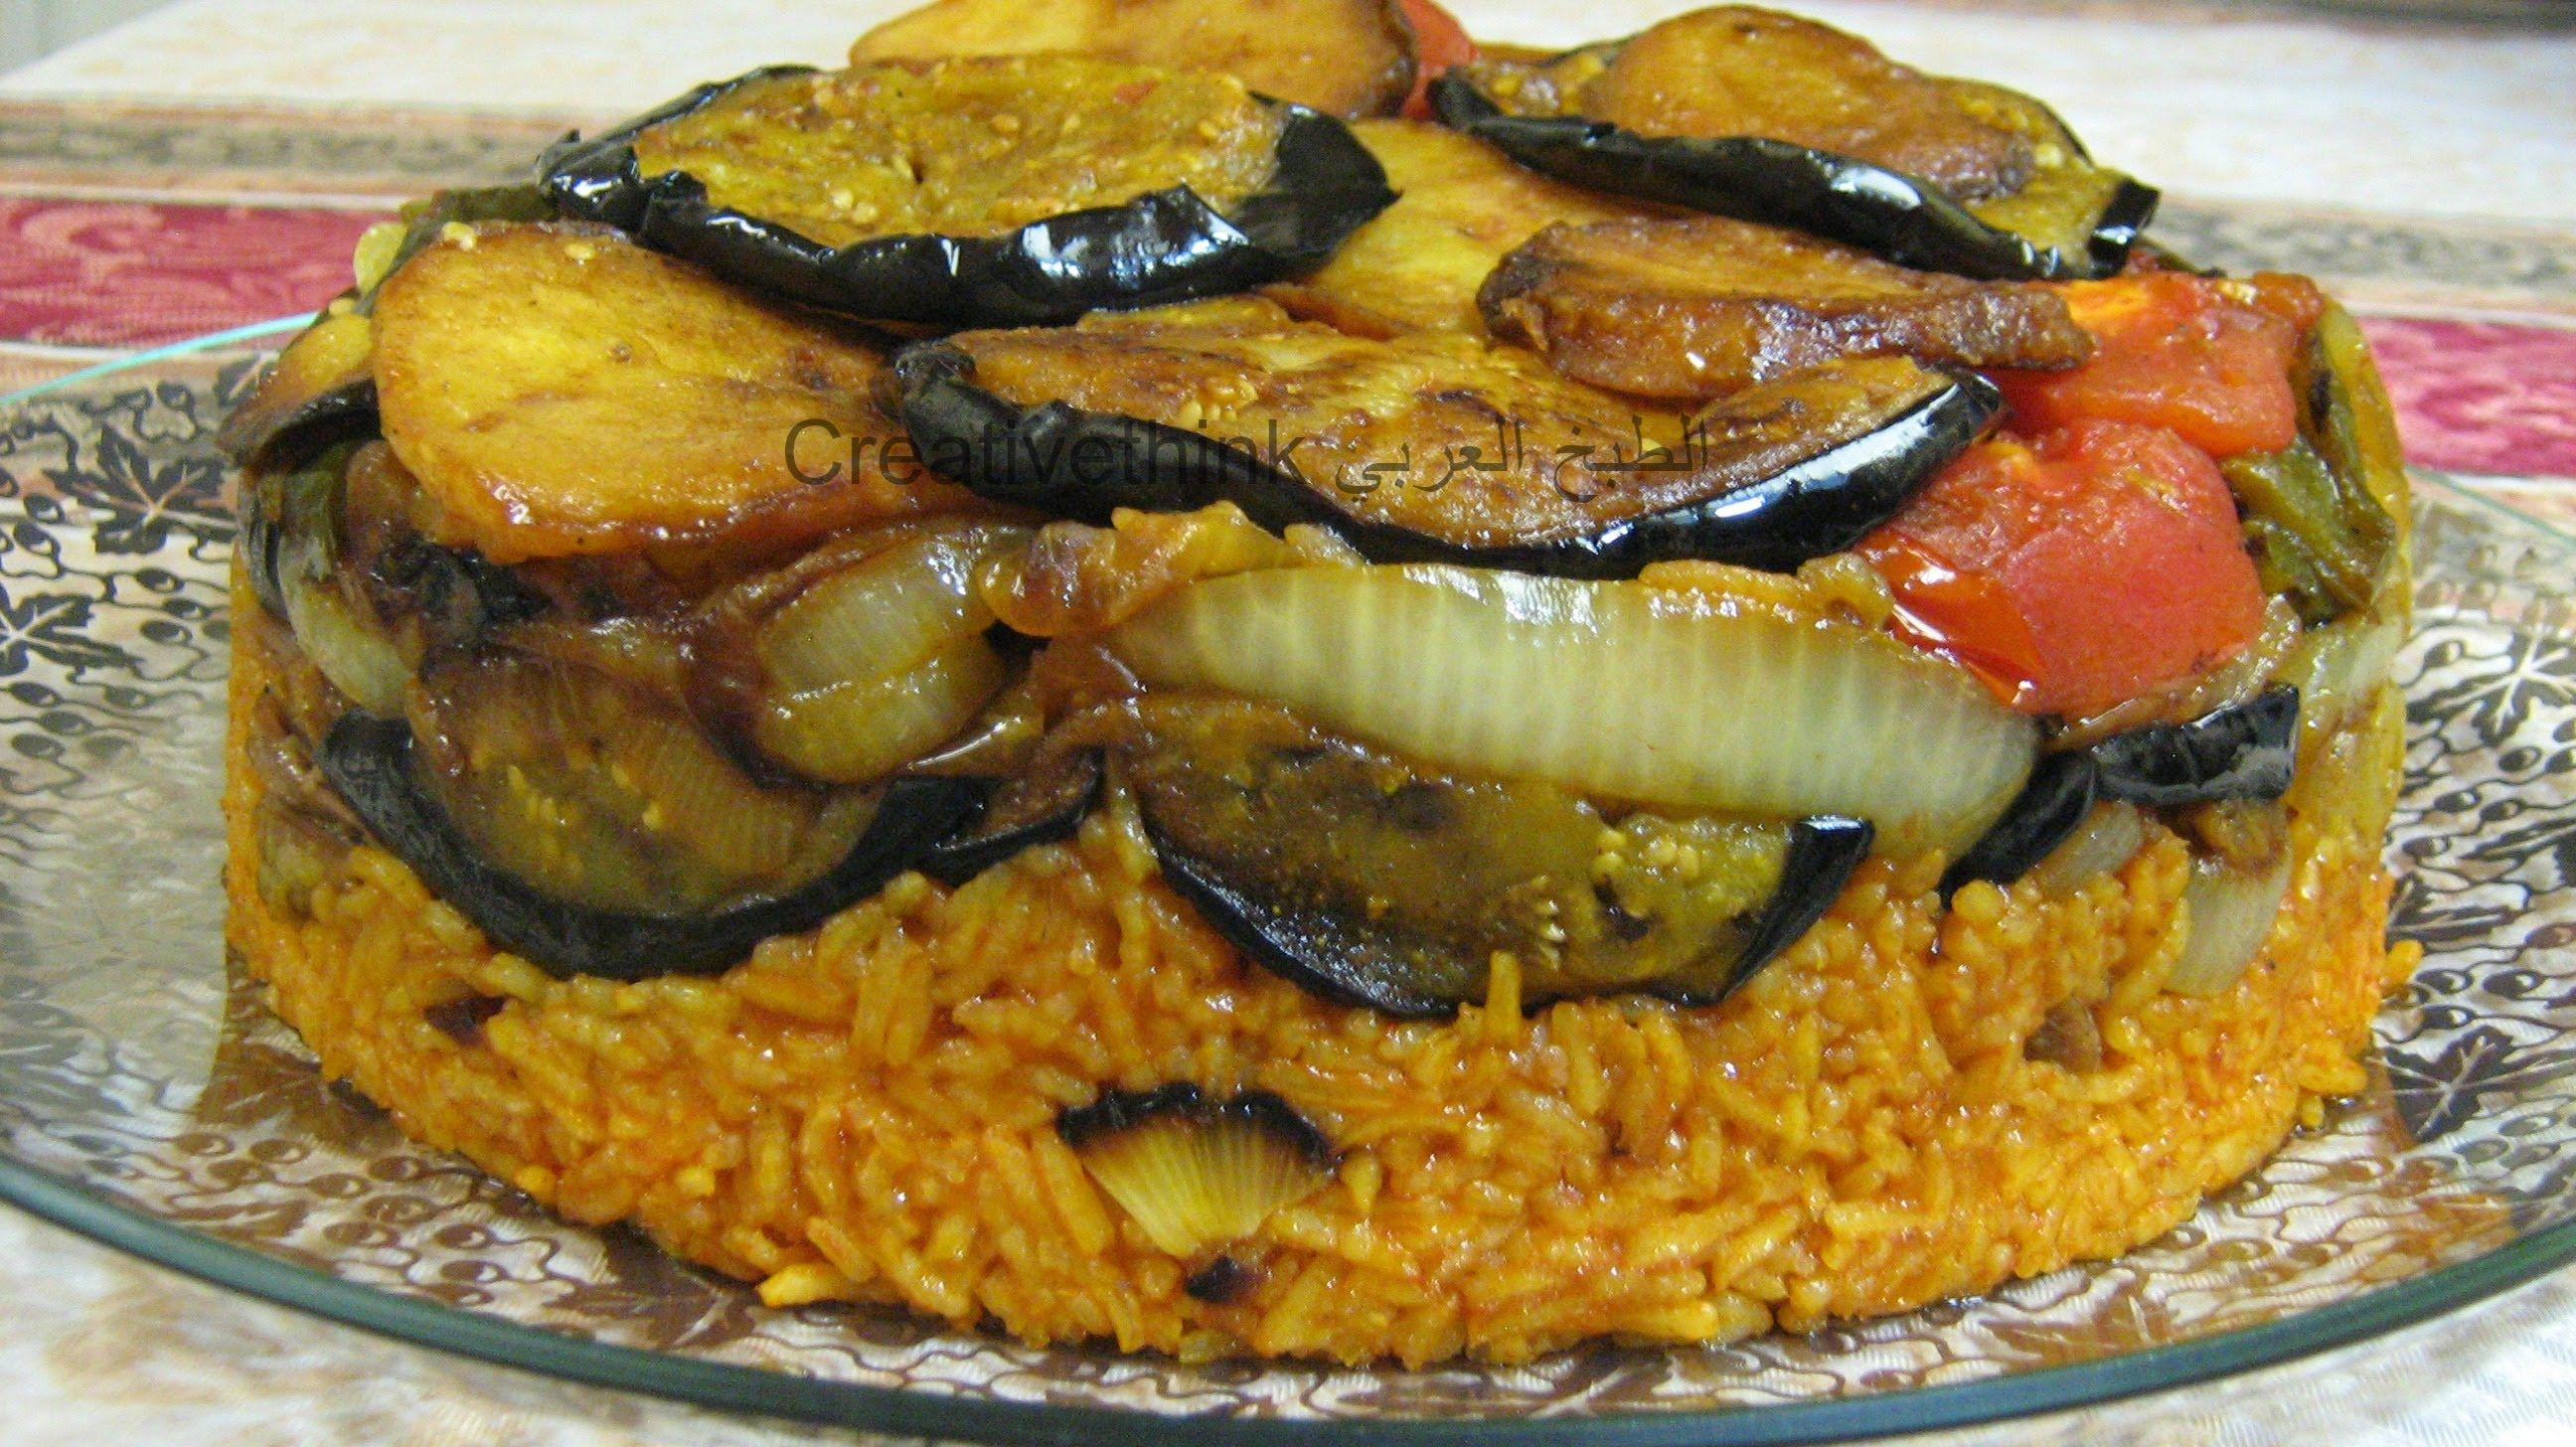 مقلوبة مقلوبة الرز الاحمر باللحم أكلات عراقية Maqluba مقلوبة Iraqi Food Youtube